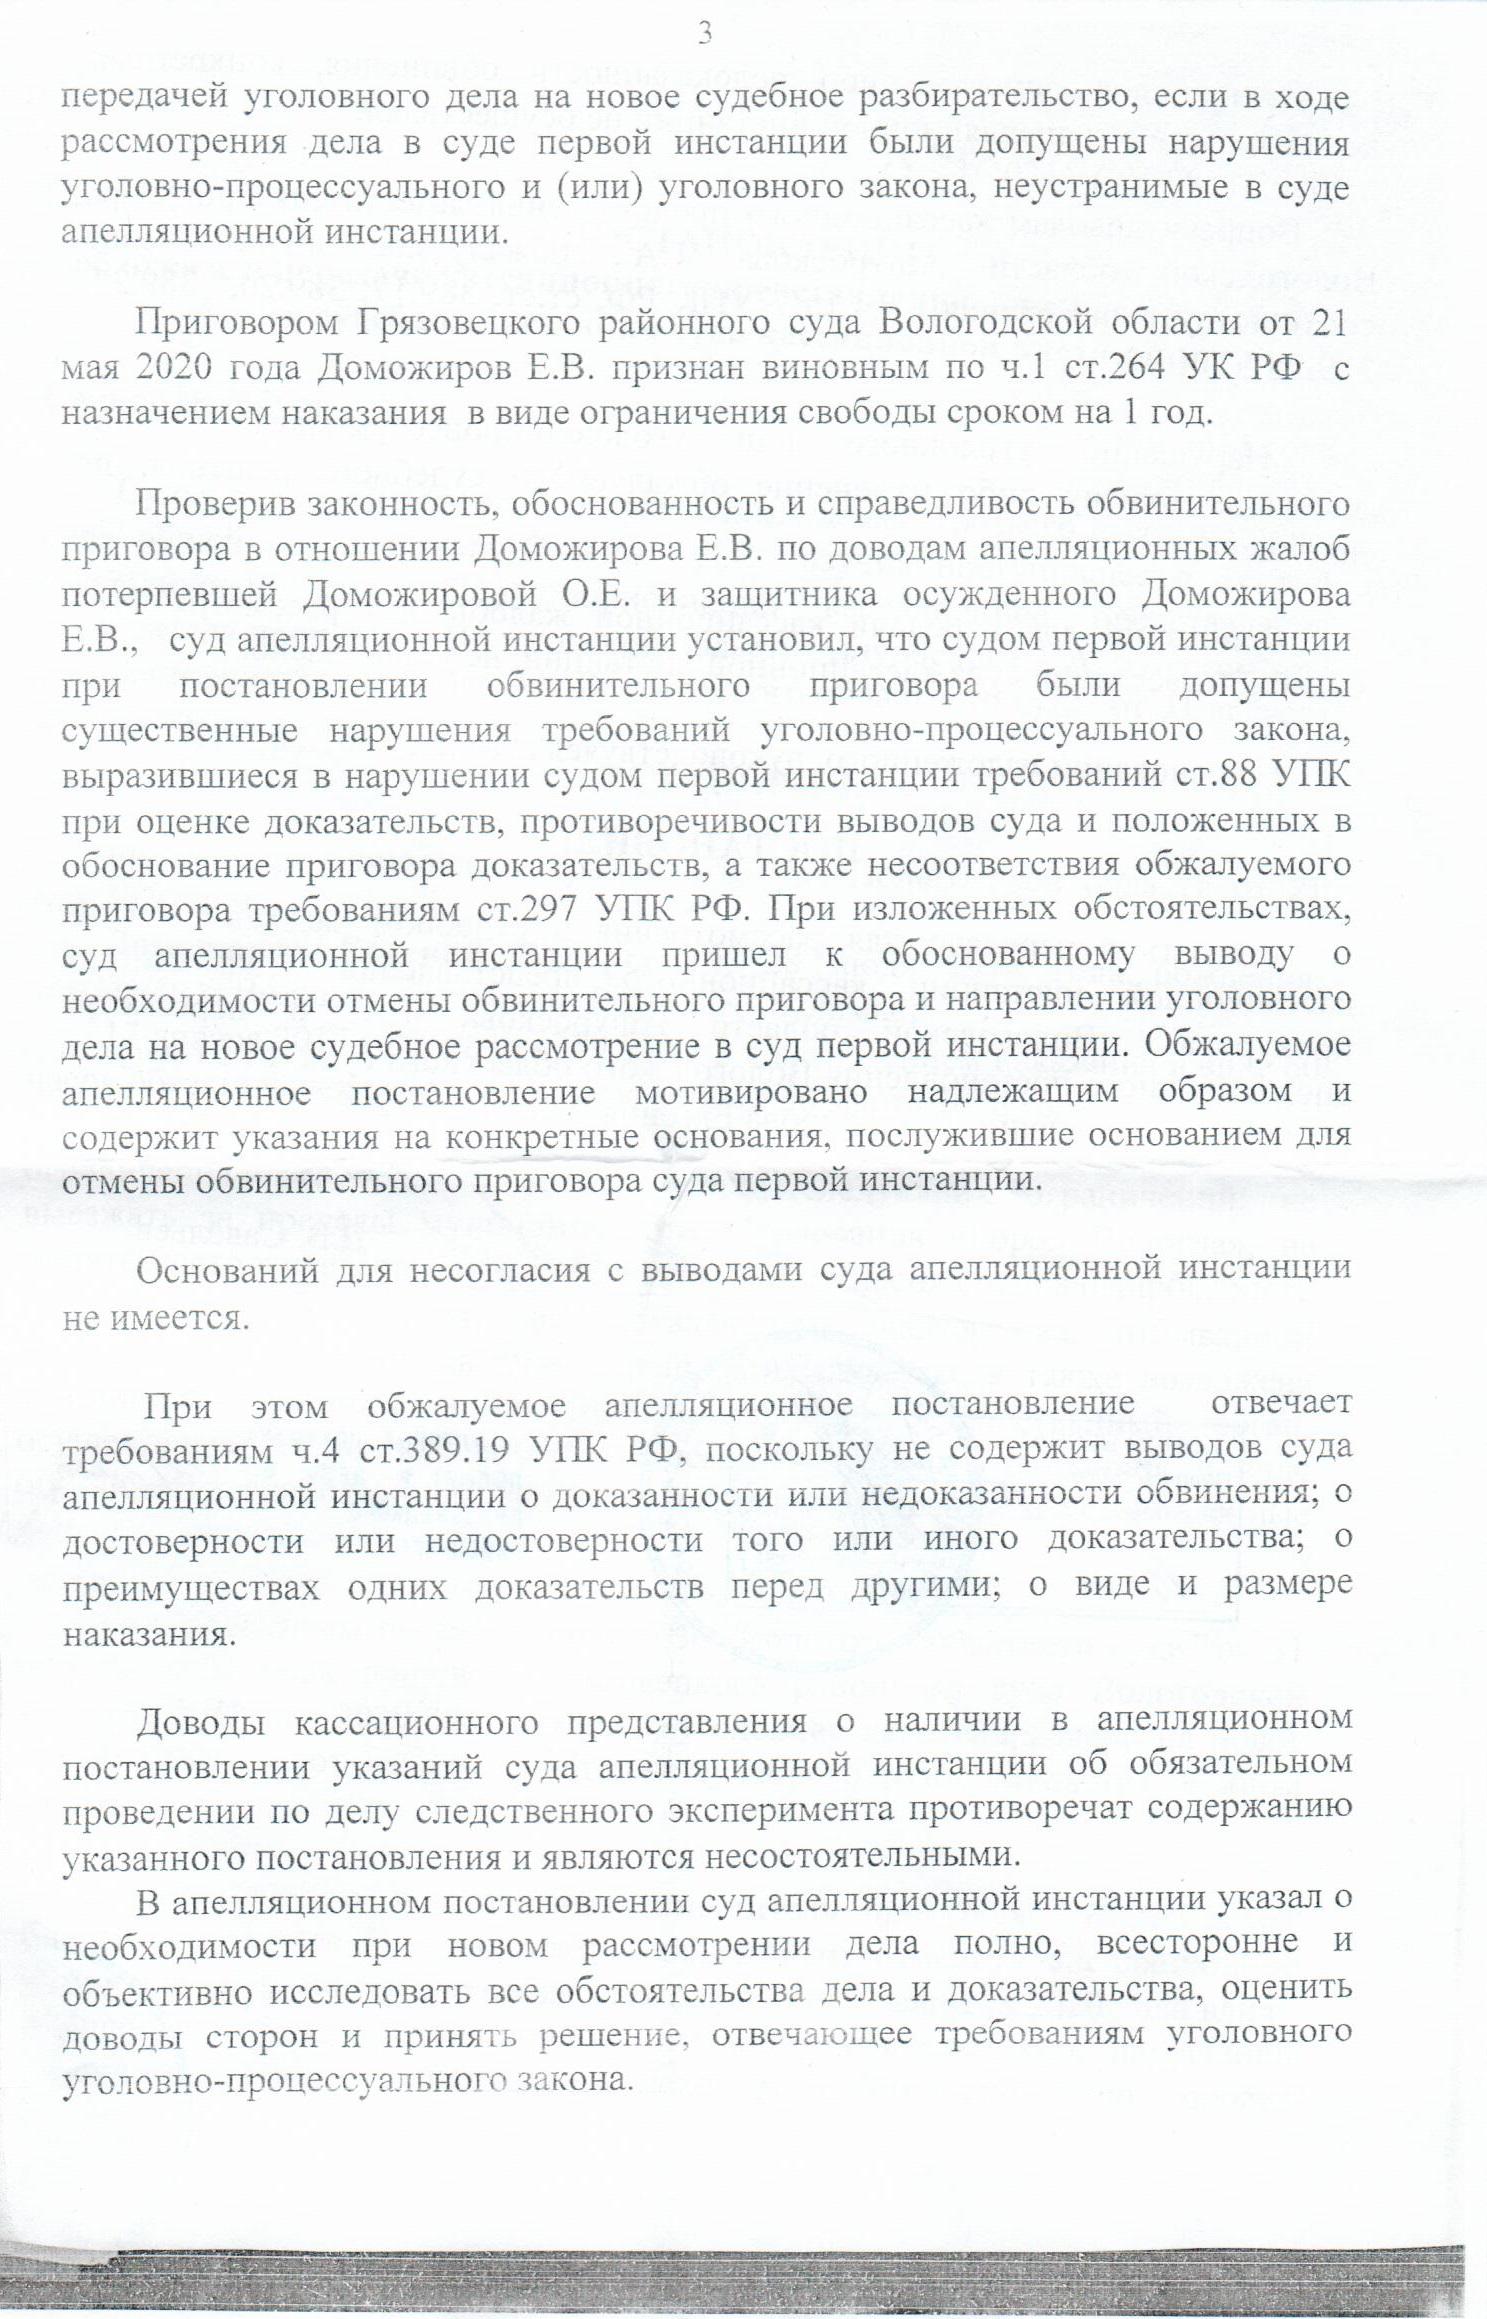 уголовное дело Евгения Доможирова по аварии 5.jpg